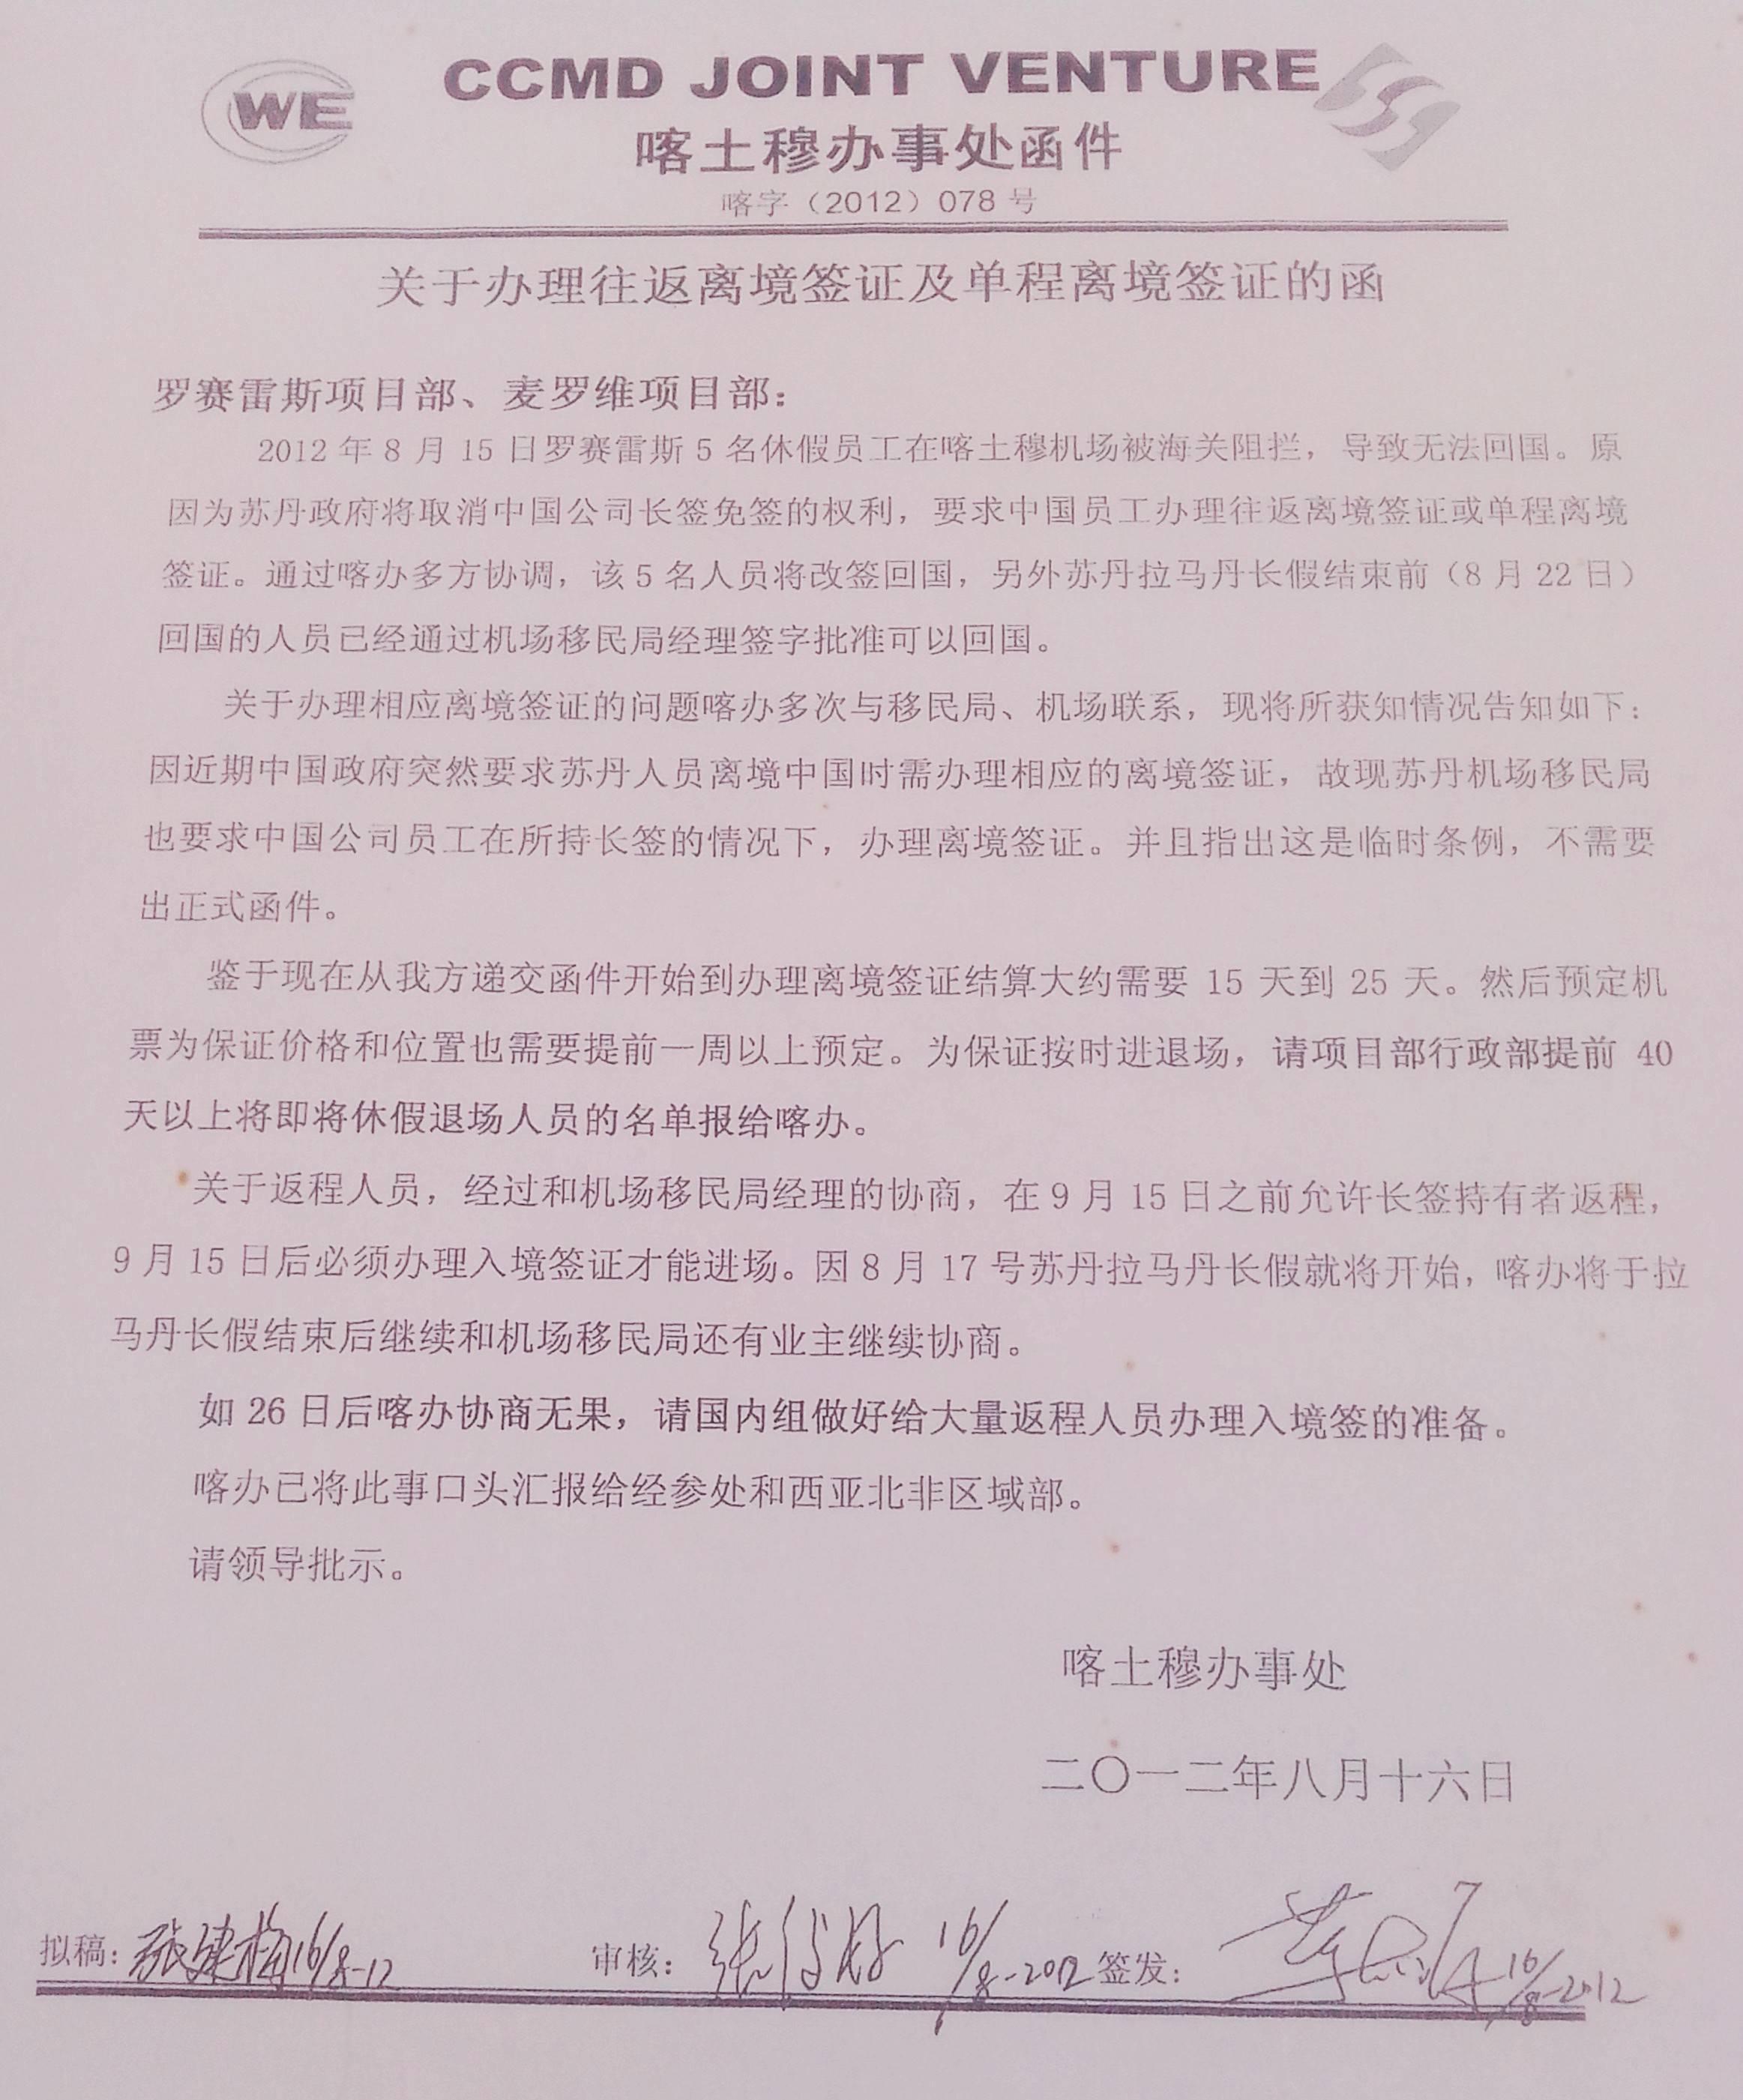 苏丹免除了对中国公司员工的长签免签-下文'Blog